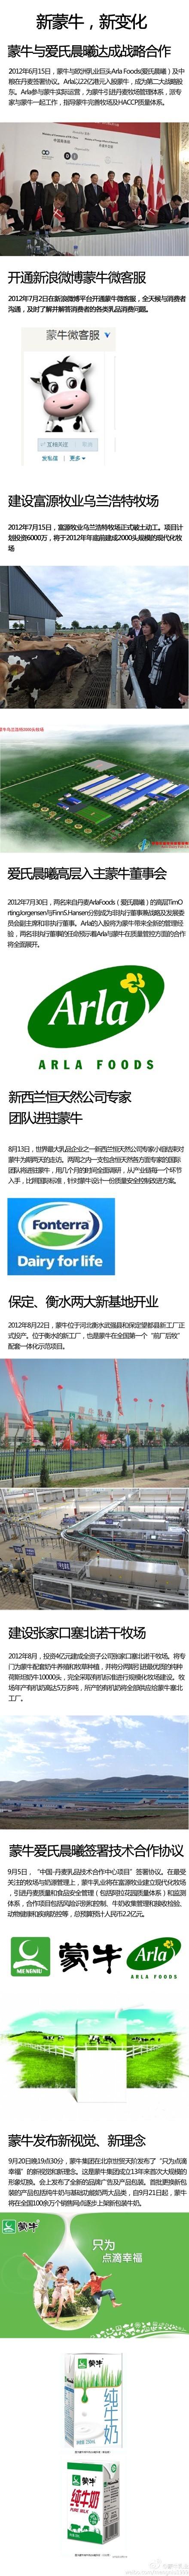 图说:新蒙牛,新变化(摘自蒙牛乳业官方微博)